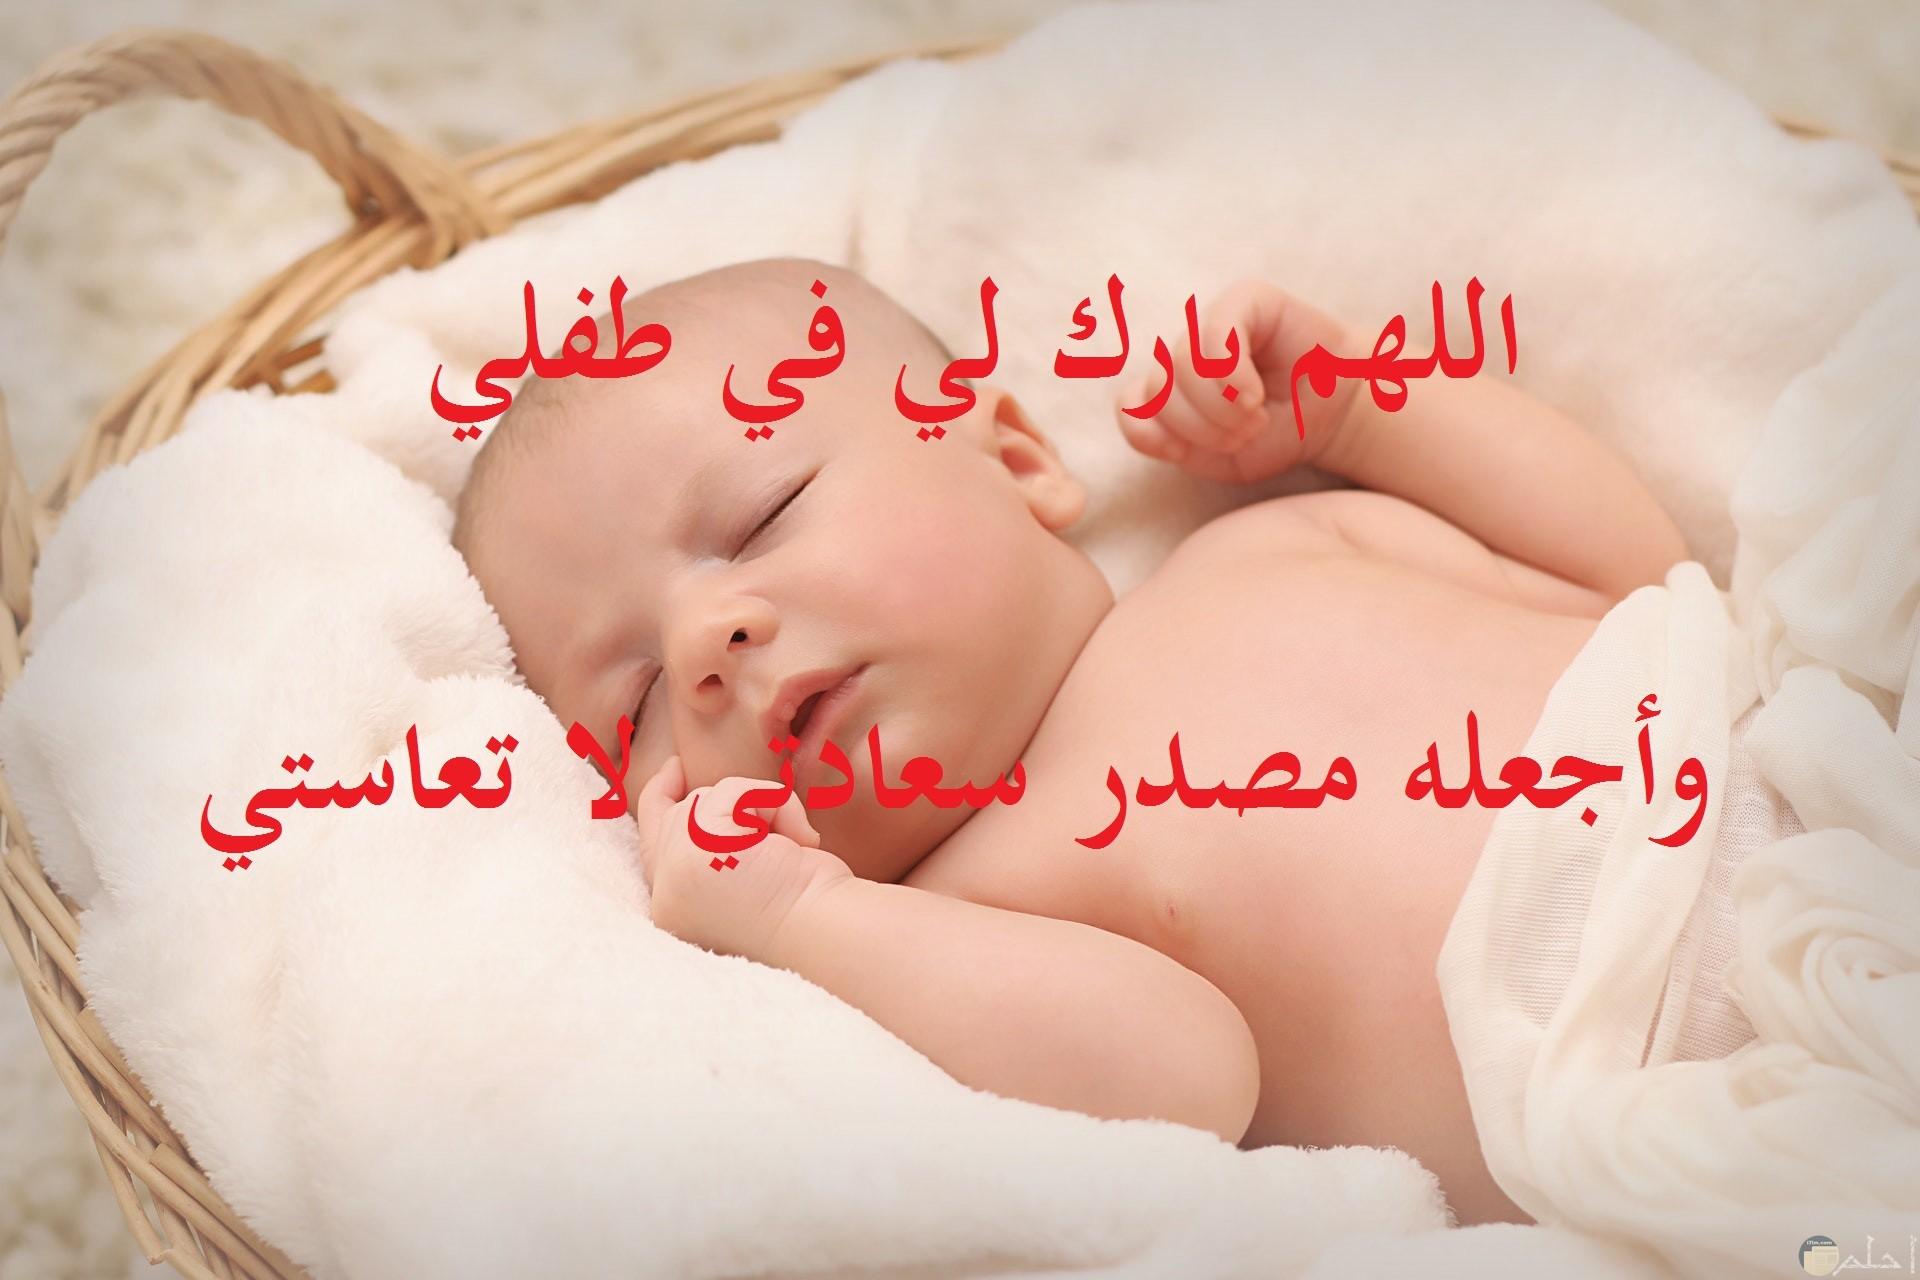 صورة جميلة مكتوب عليها دعاء بأن يكون الطفل مصدر سعادة مع خلفية طفل صغير